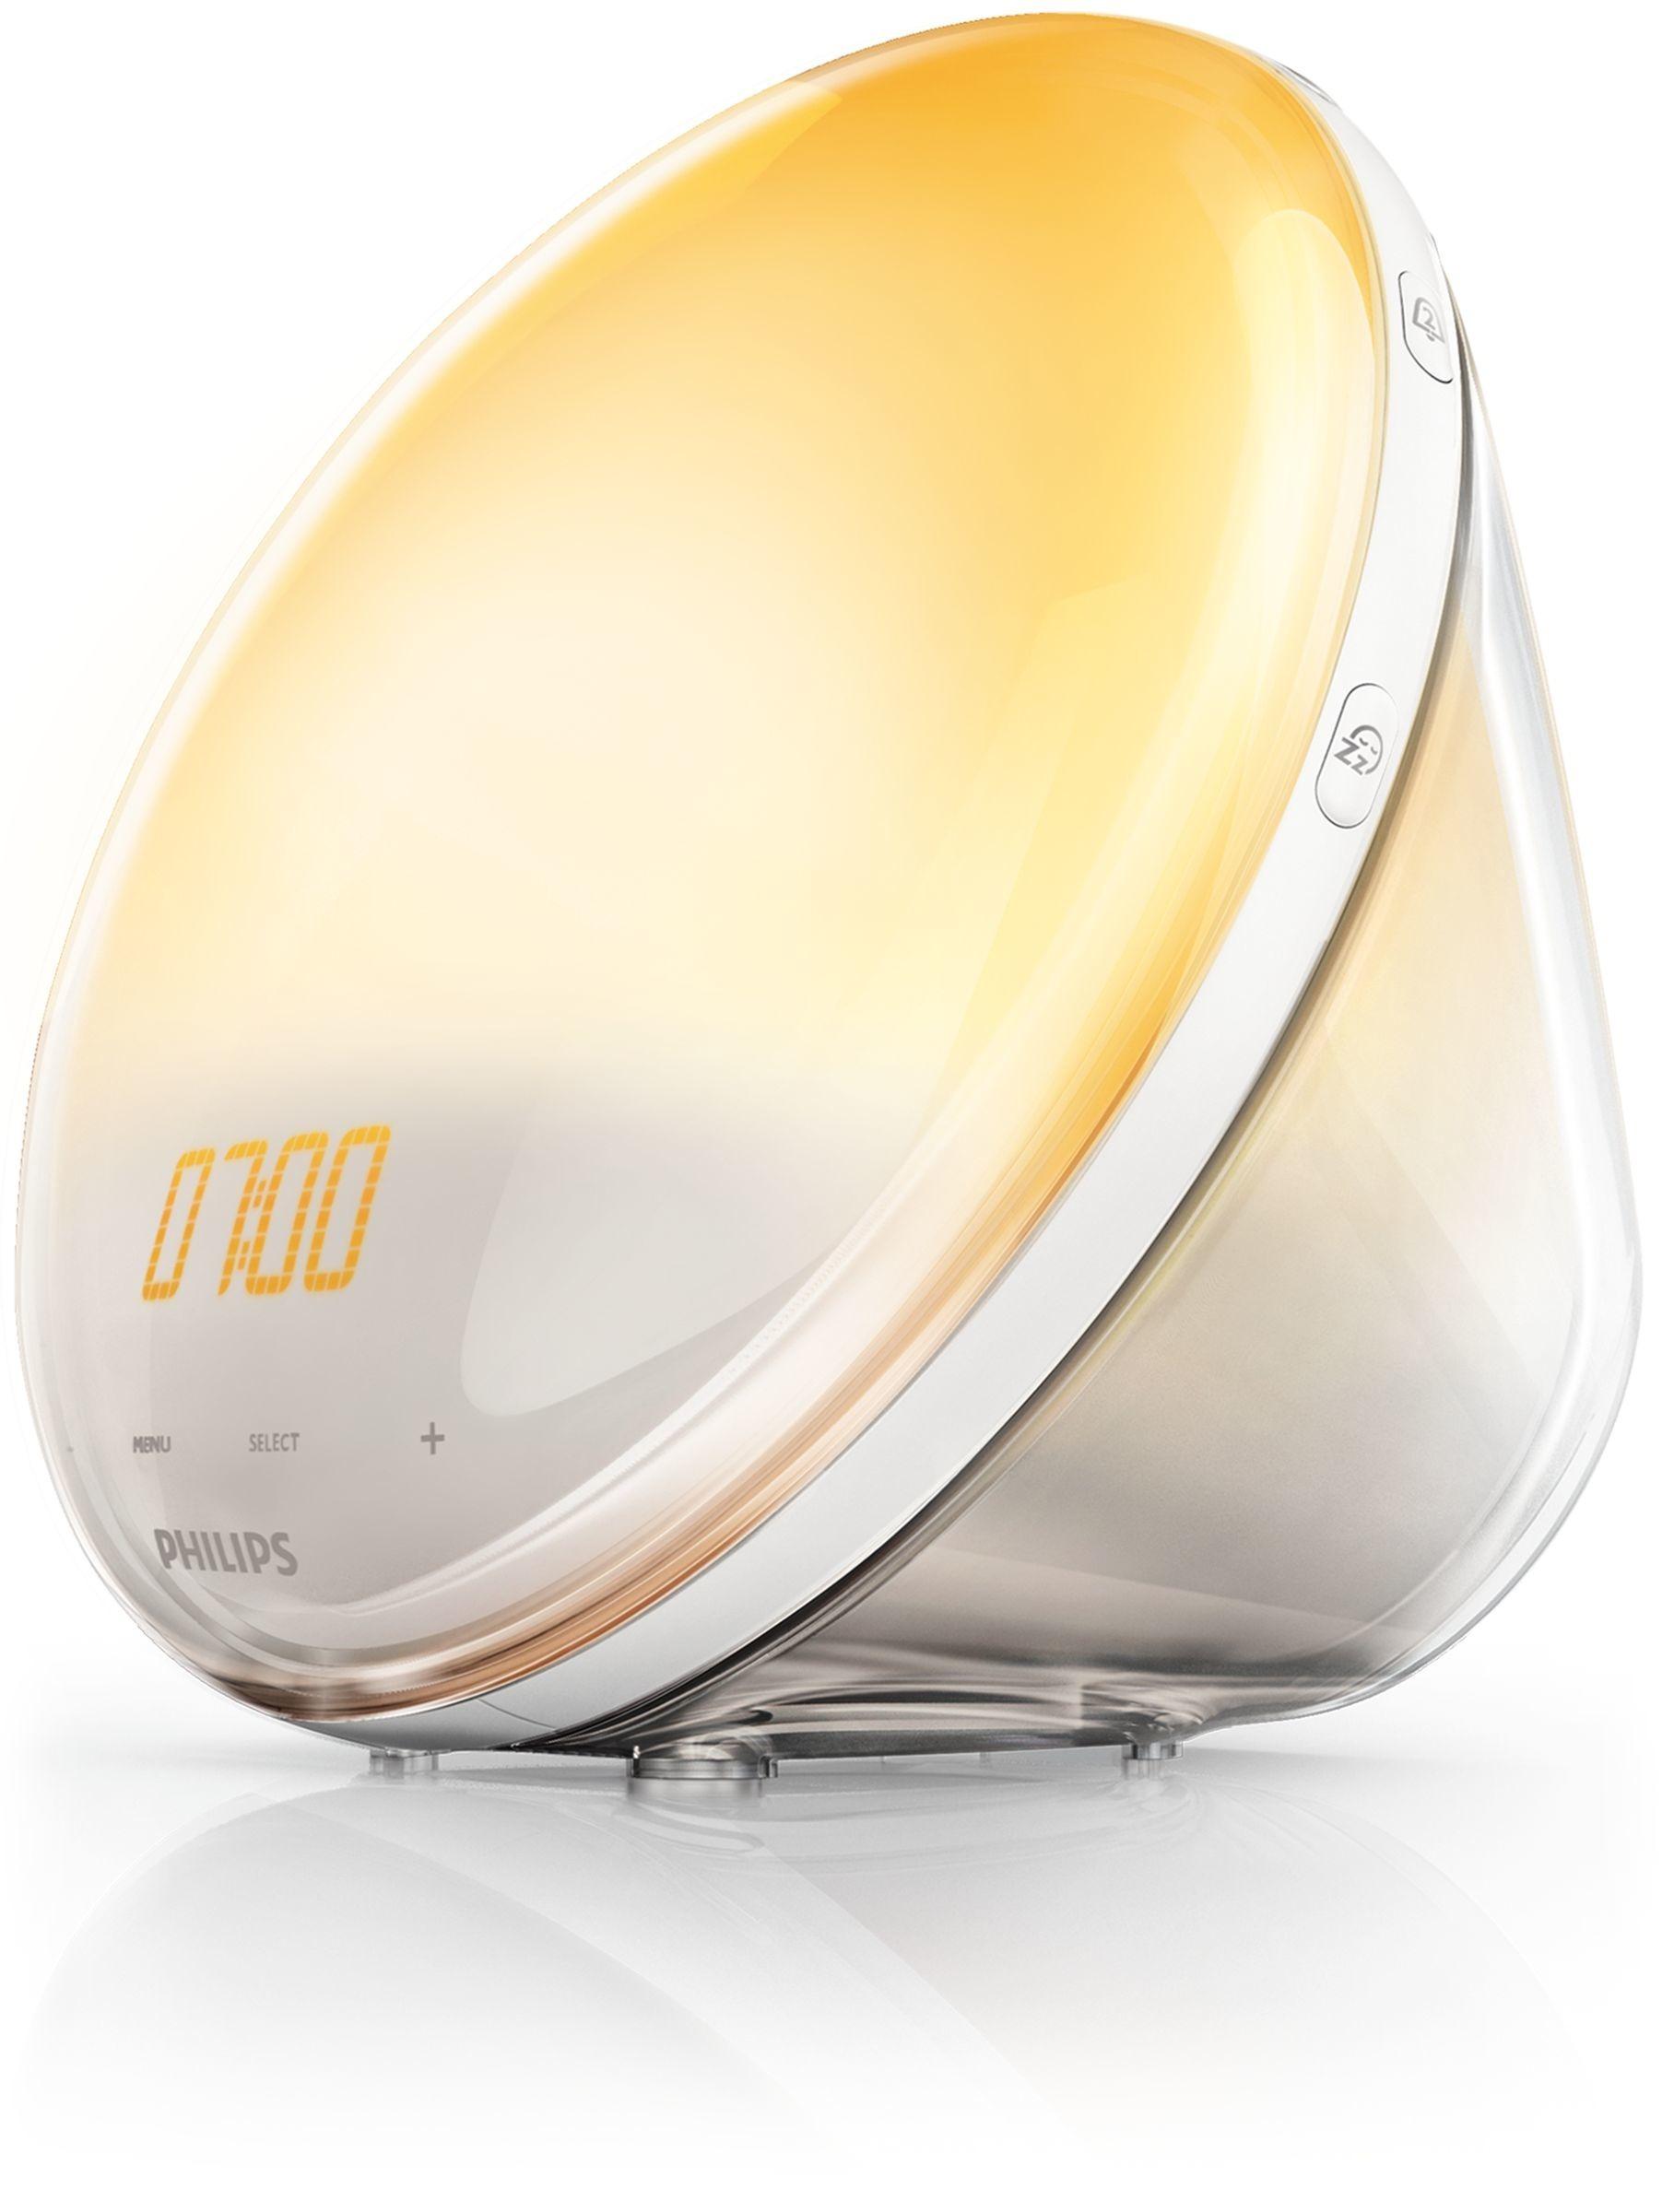 Korting Philips HF3532 01 wake up light